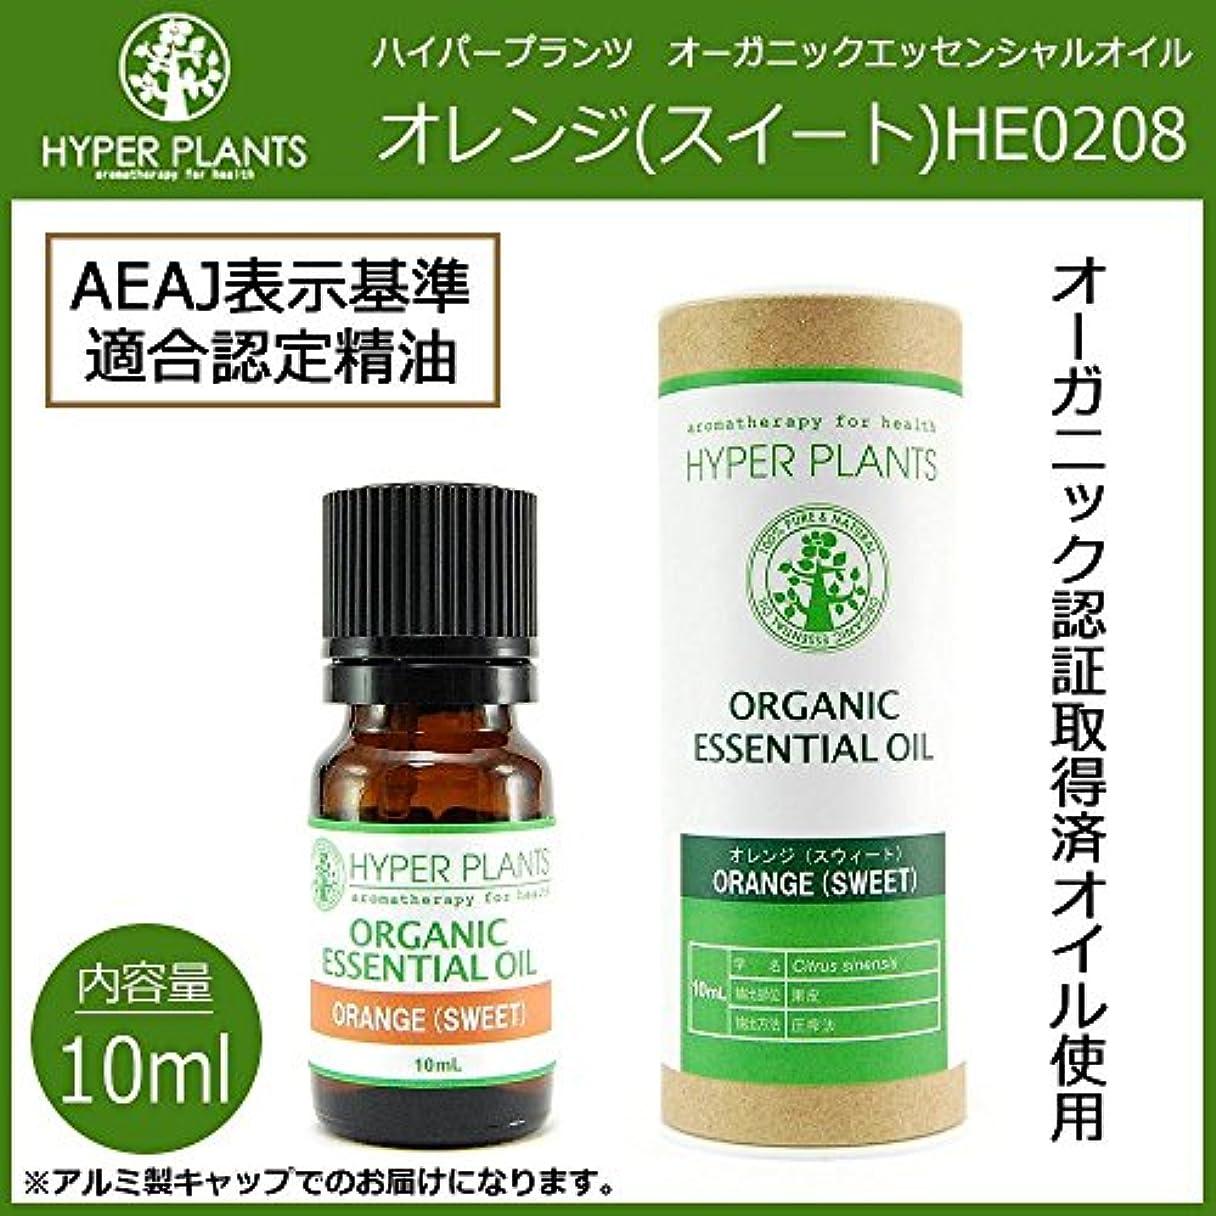 十分です芝生モンゴメリーHYPER PLANTS ハイパープランツ オーガニックエッセンシャルオイル オレンジ(スイート) 10ml HE0208